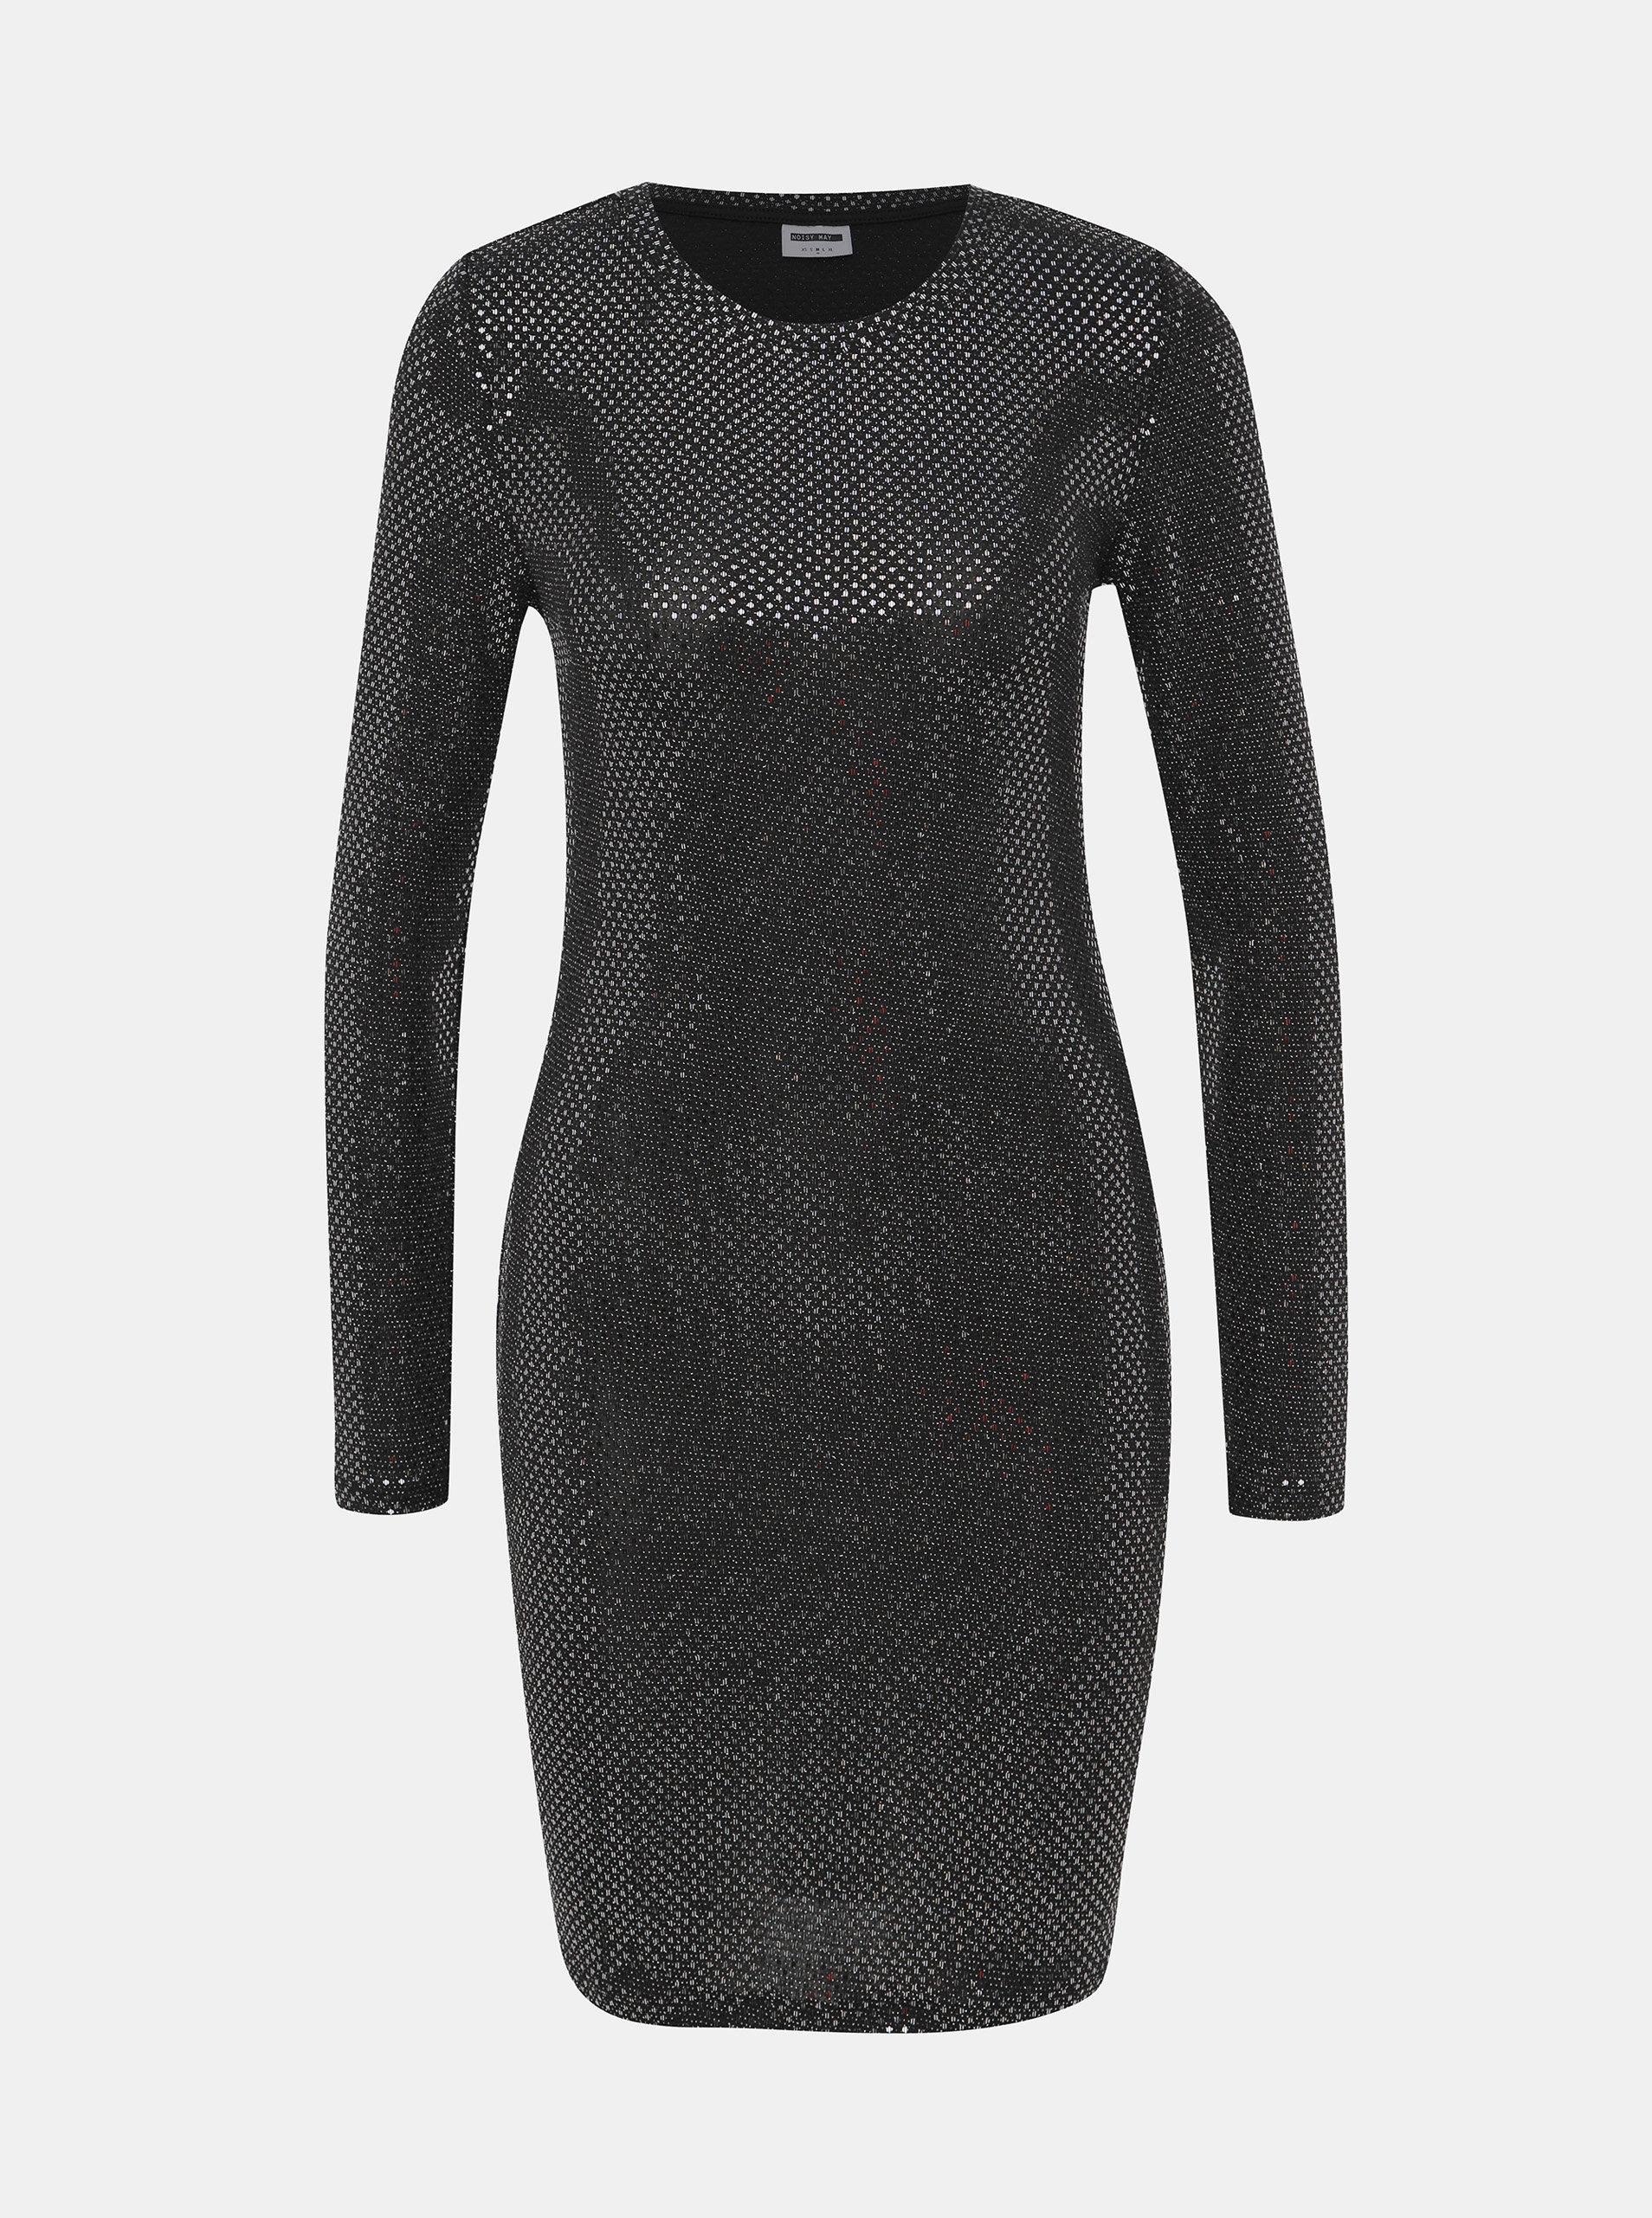 Černé pouzdrové šaty s odlesky ve stříbrné barvě Noisy May Night